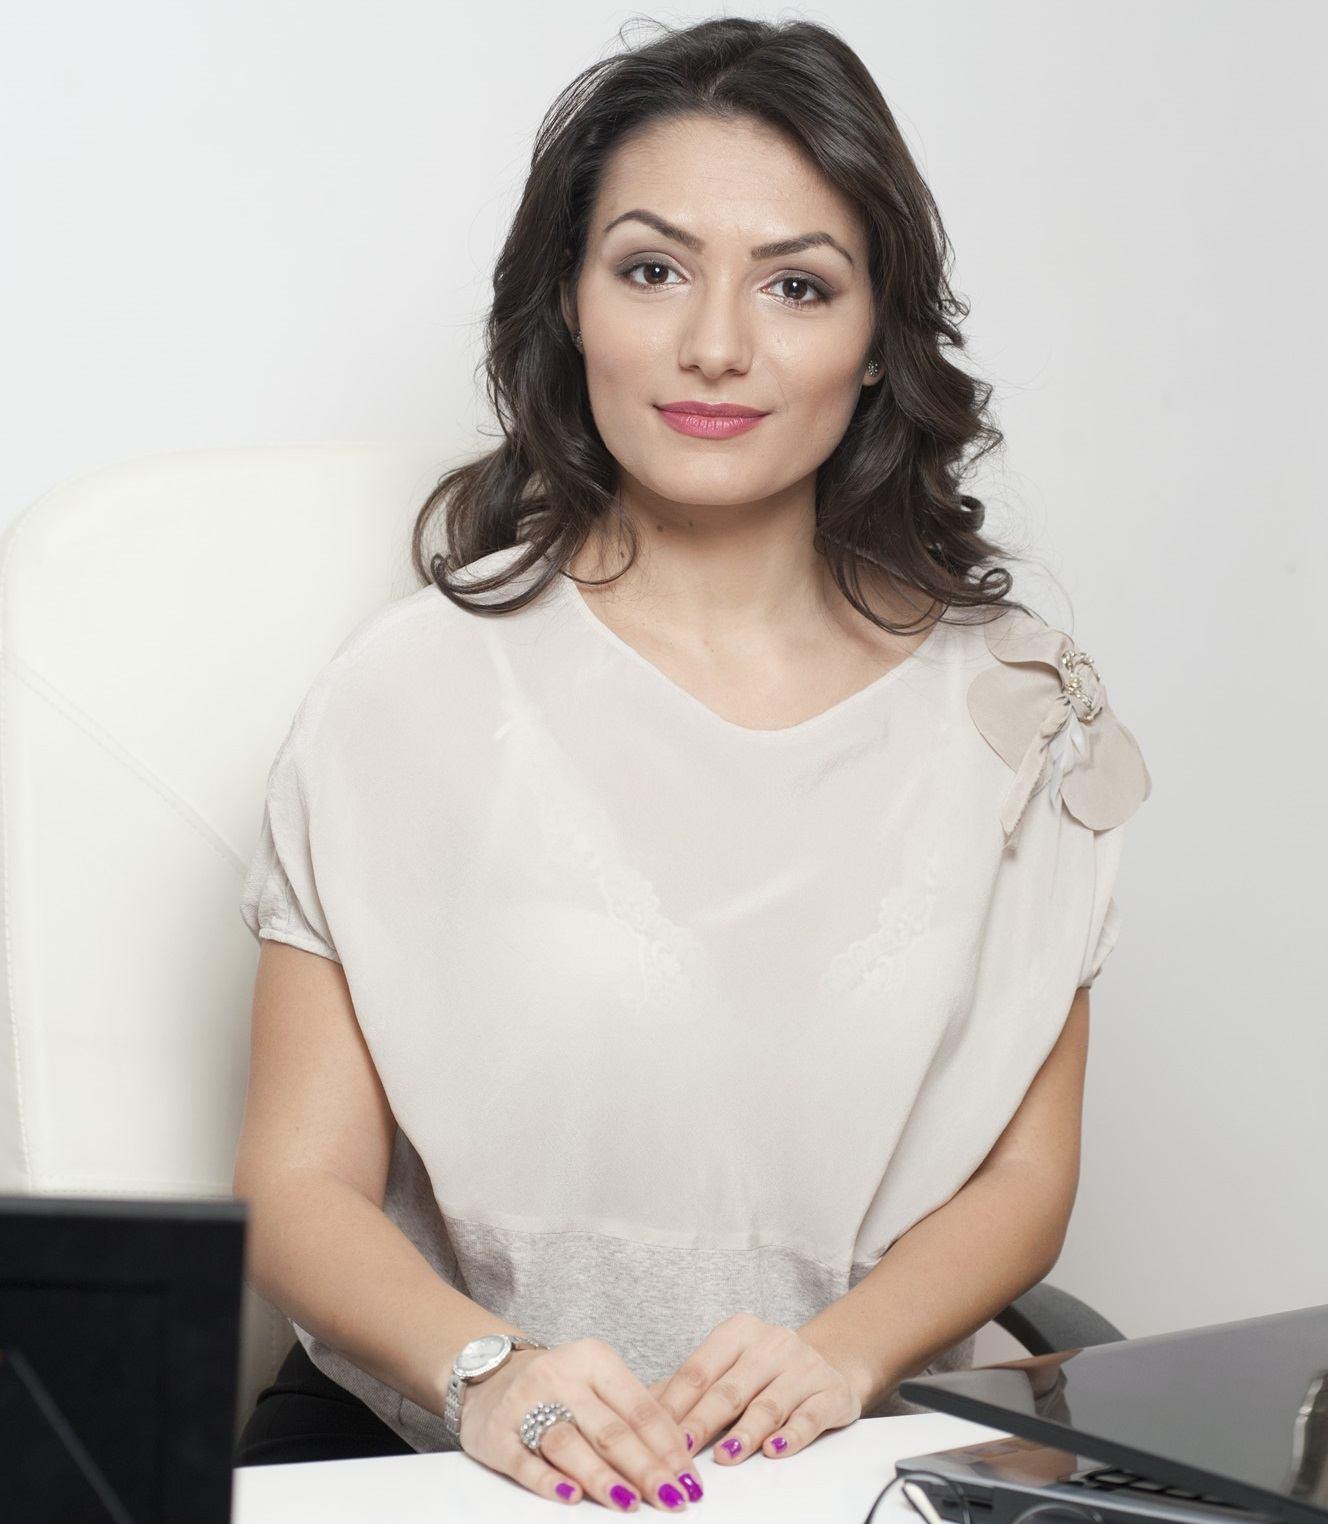 Lidia Dumitru MD Communication